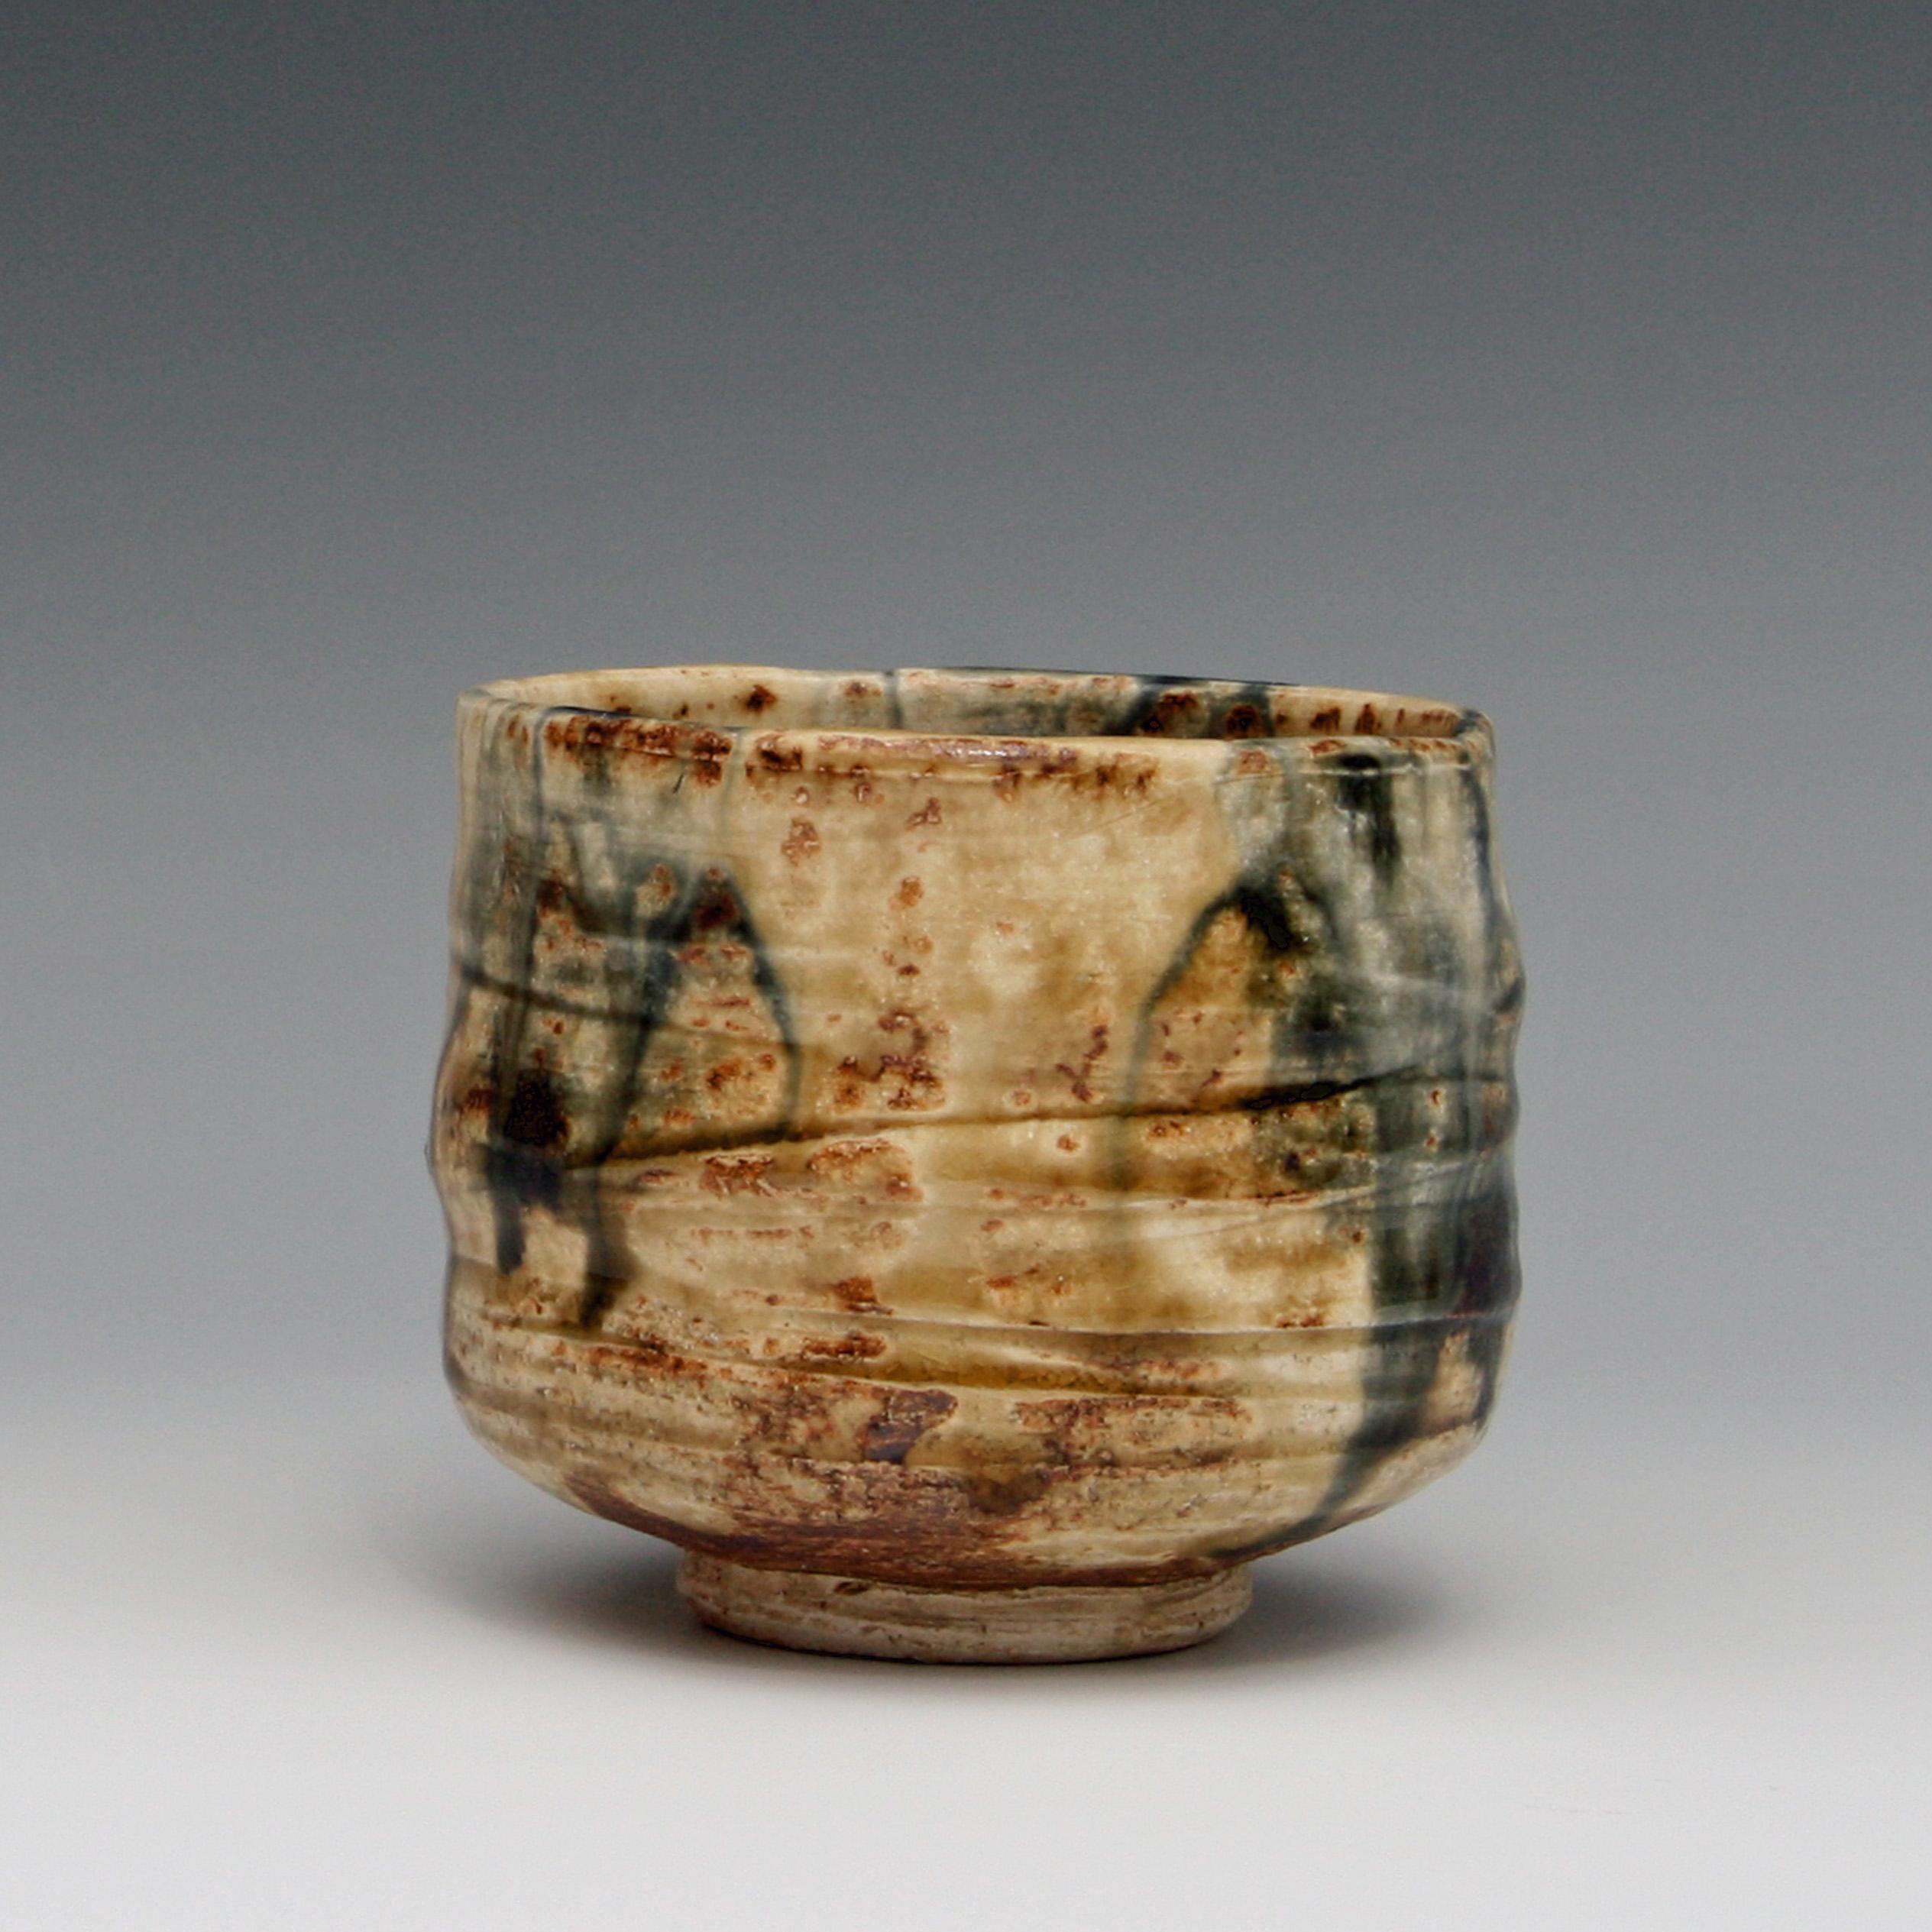 Japanese style teabowls